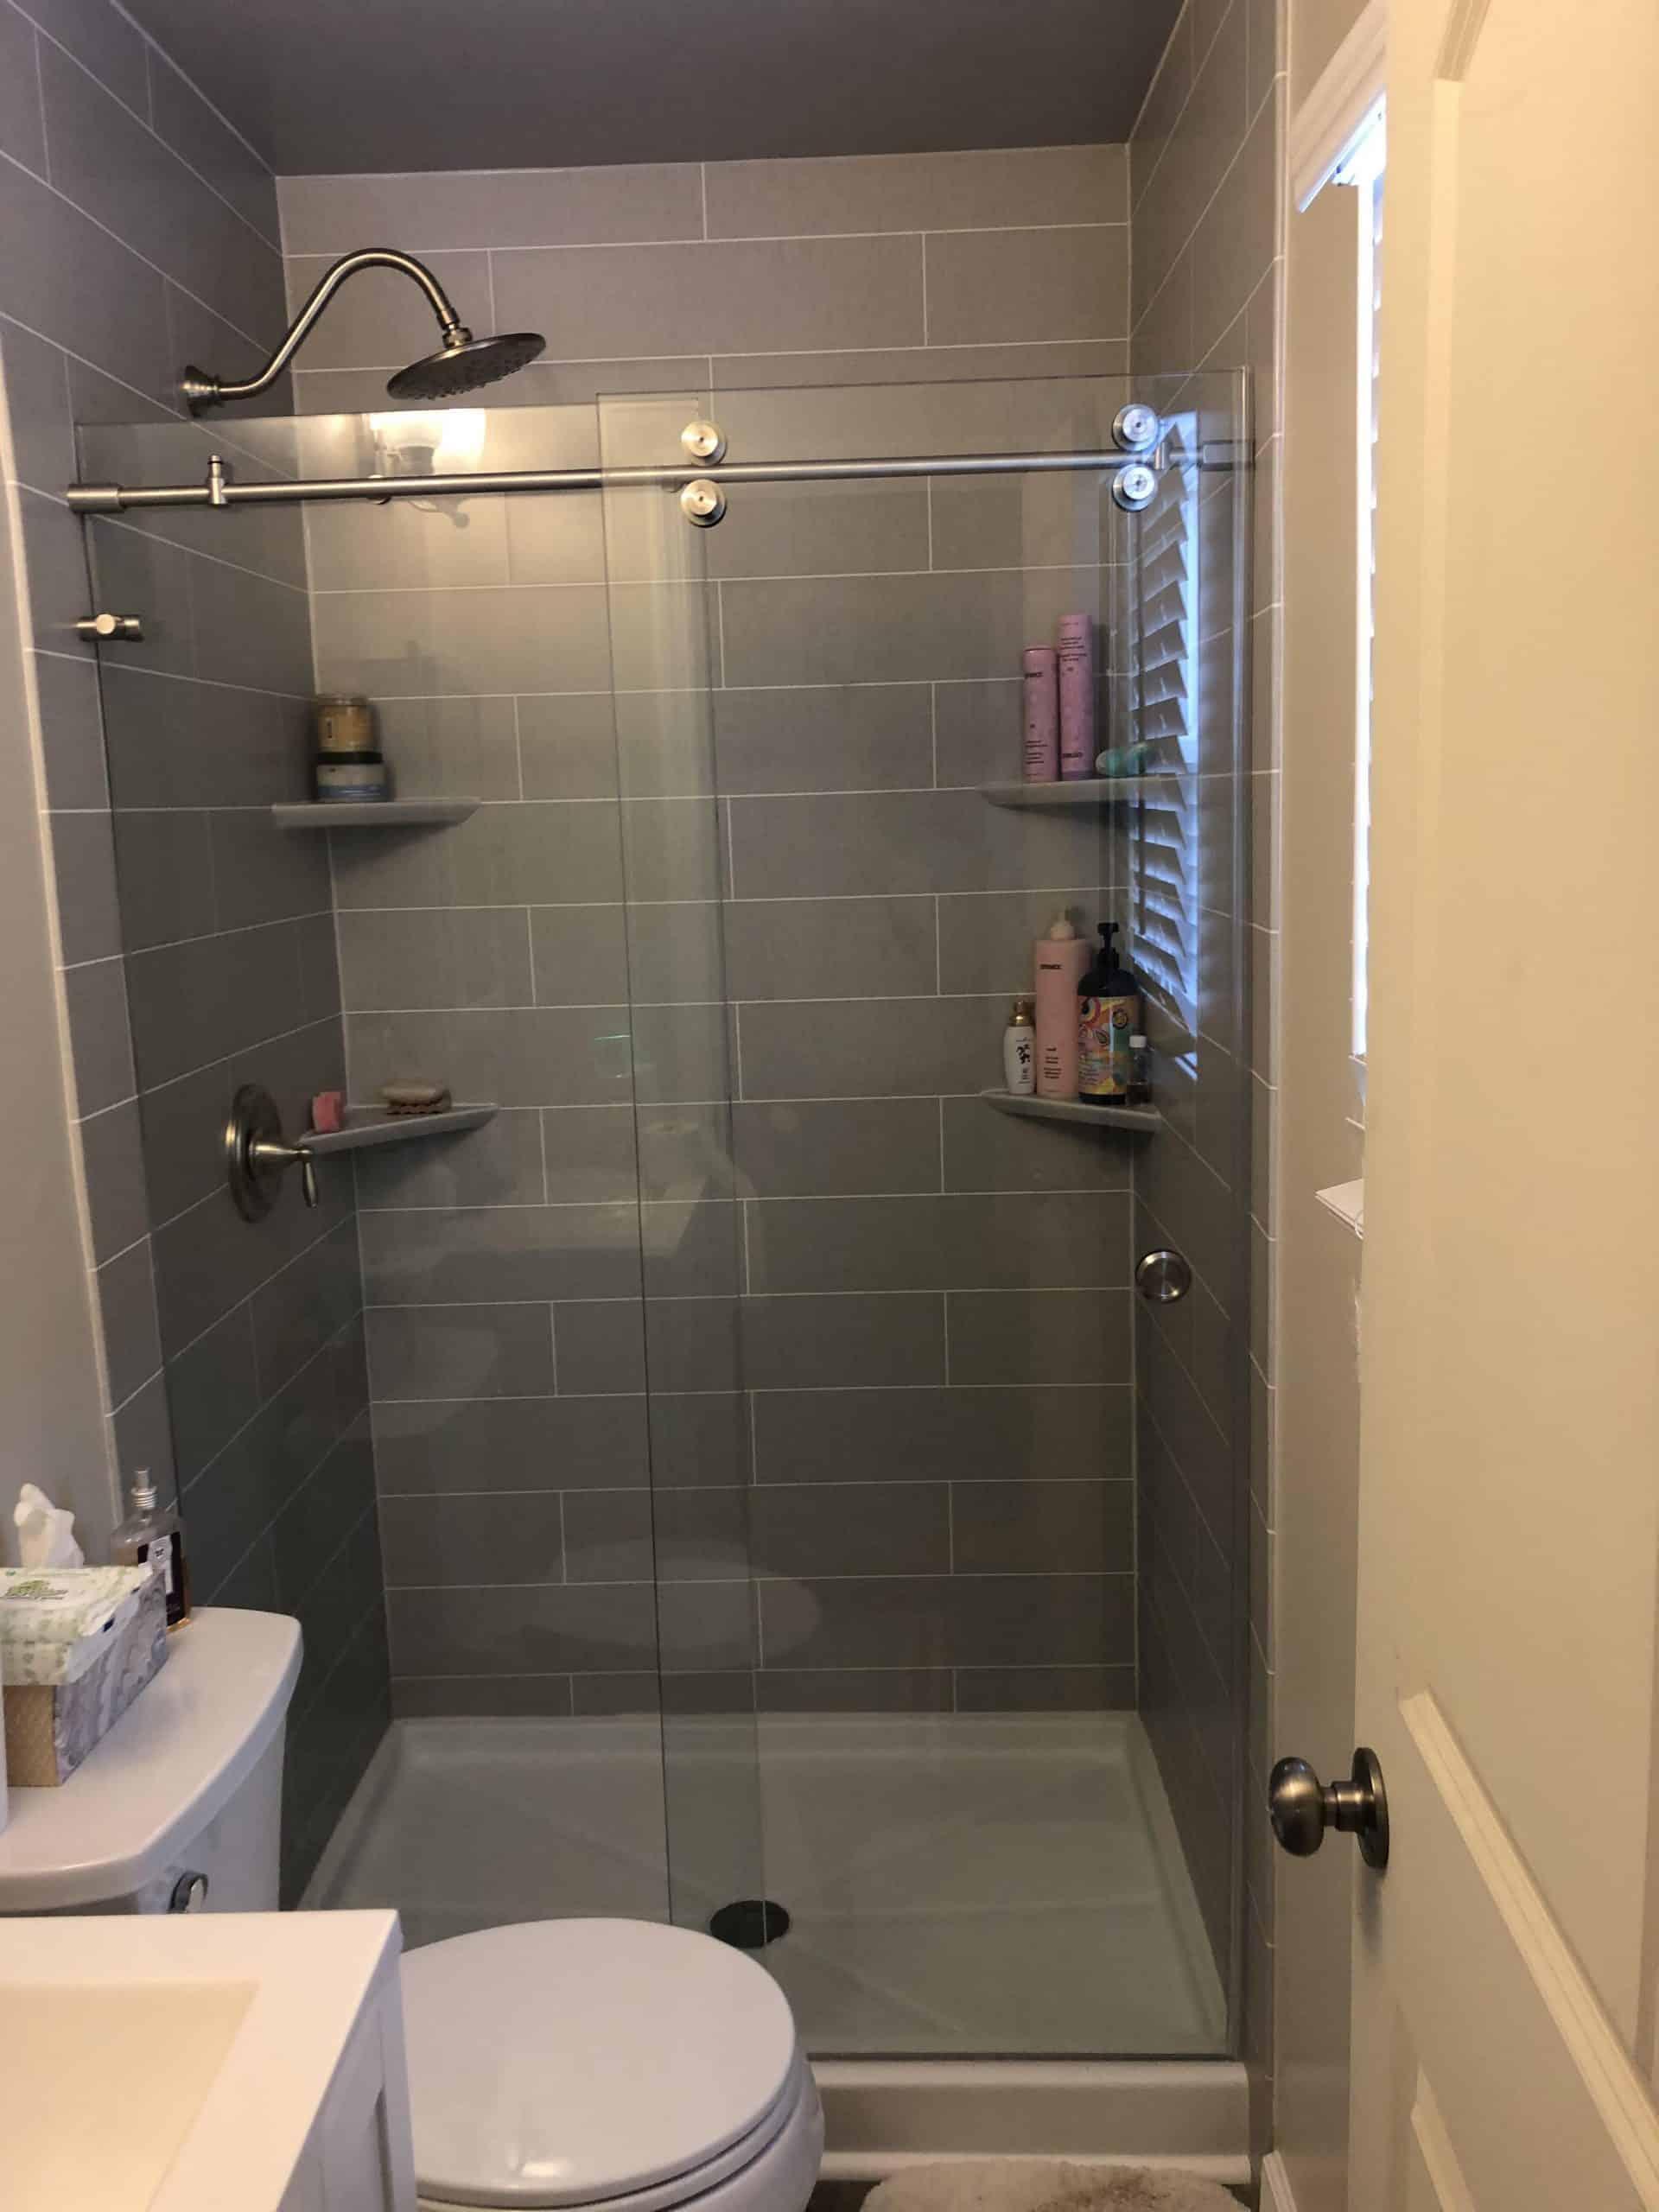 Shower Remodeling - after 2